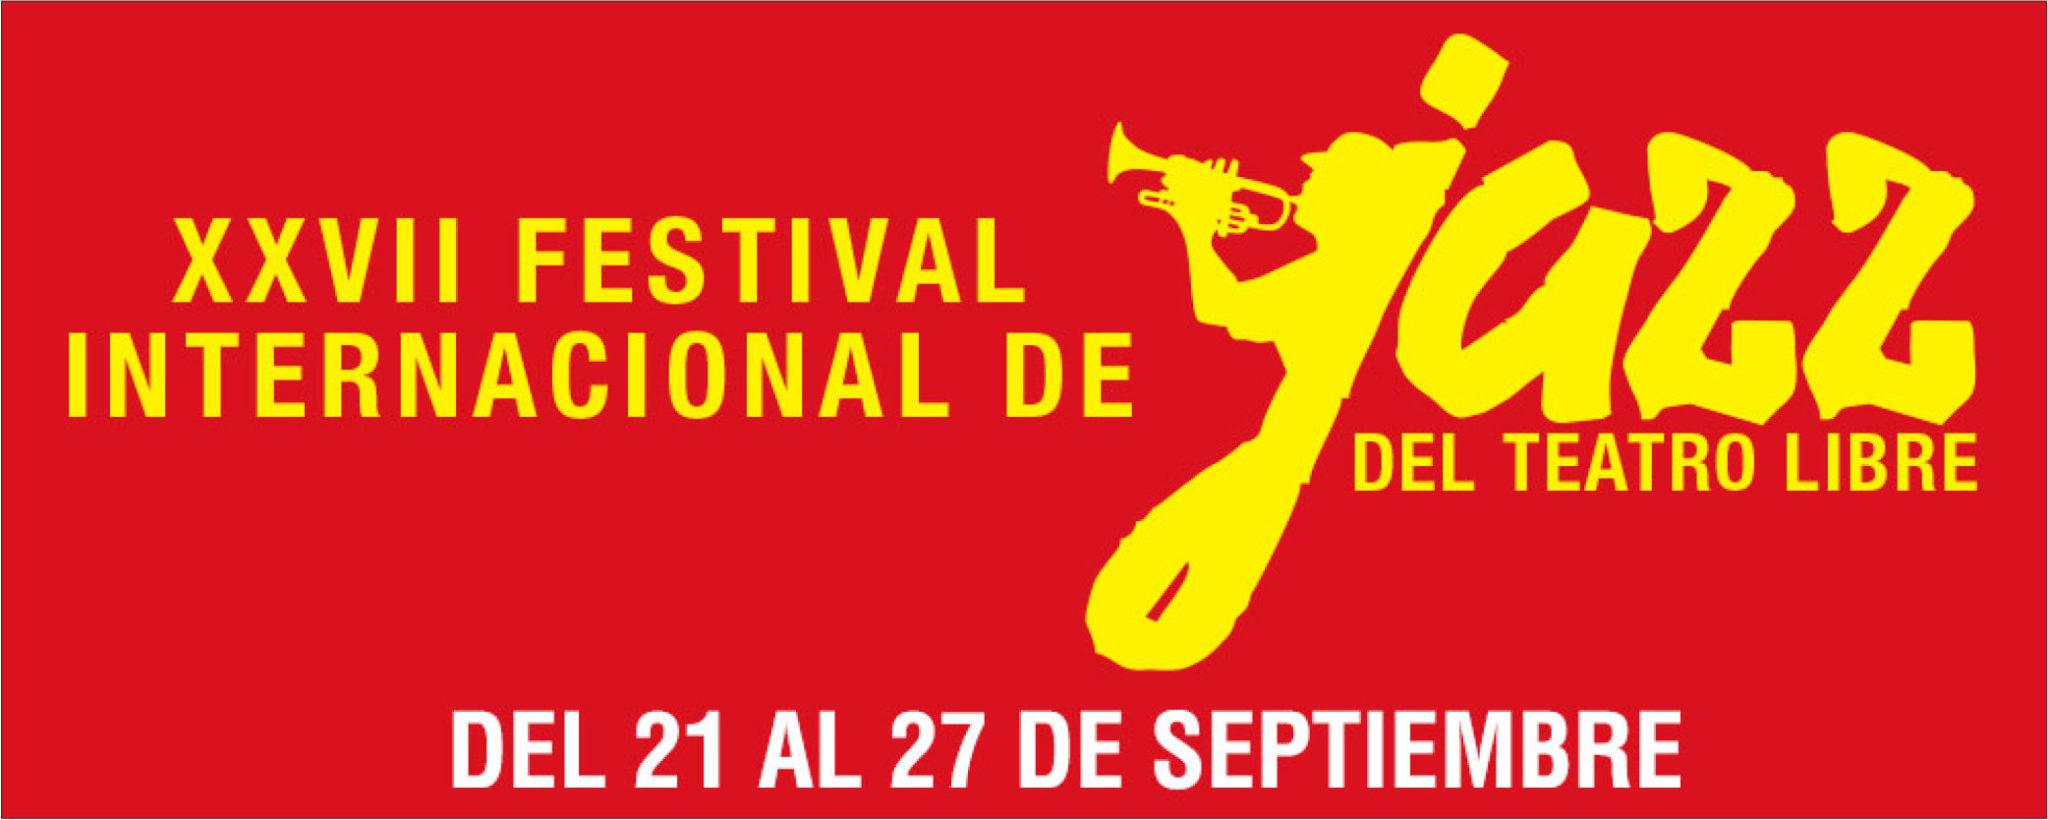 XXVII FESTIVAL INTERNACIONAL DE JAZZ DEL TEATRO LIBRE